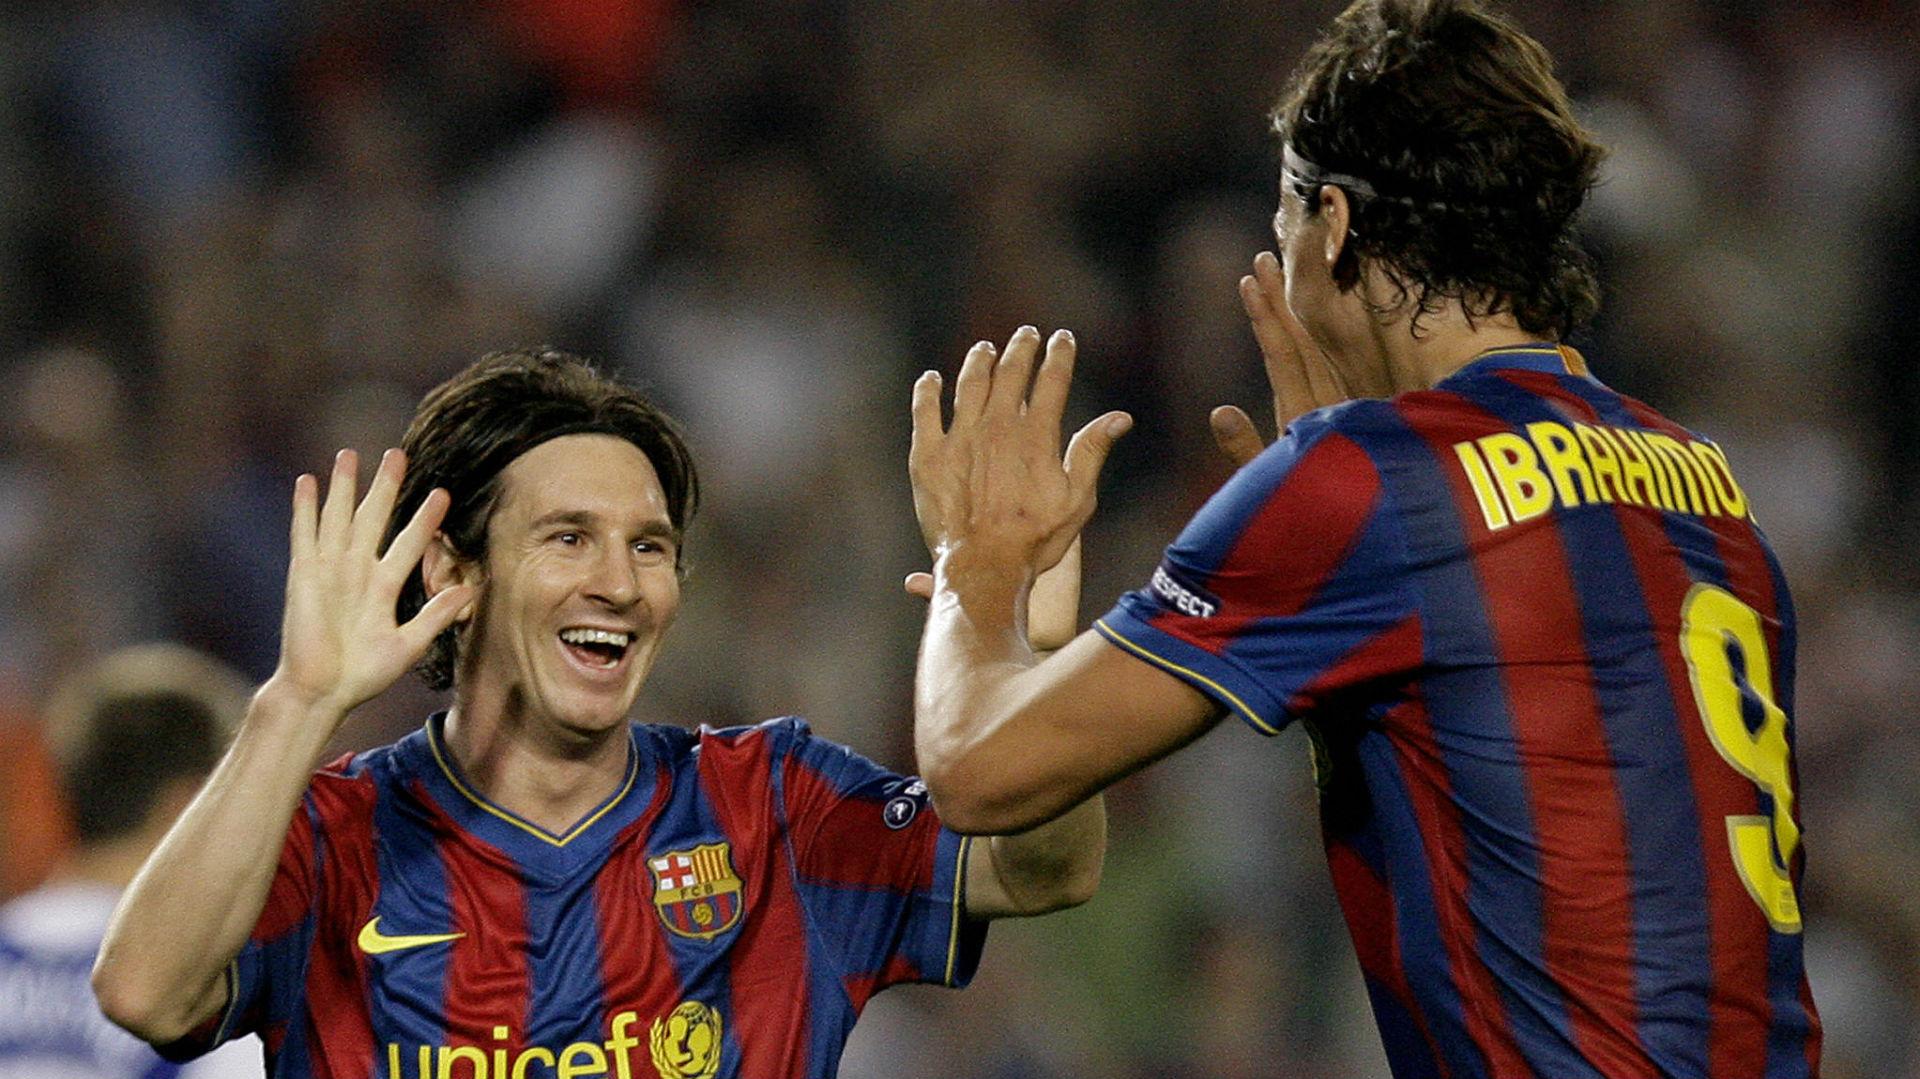 Ibrahimovic Messi Barcelona